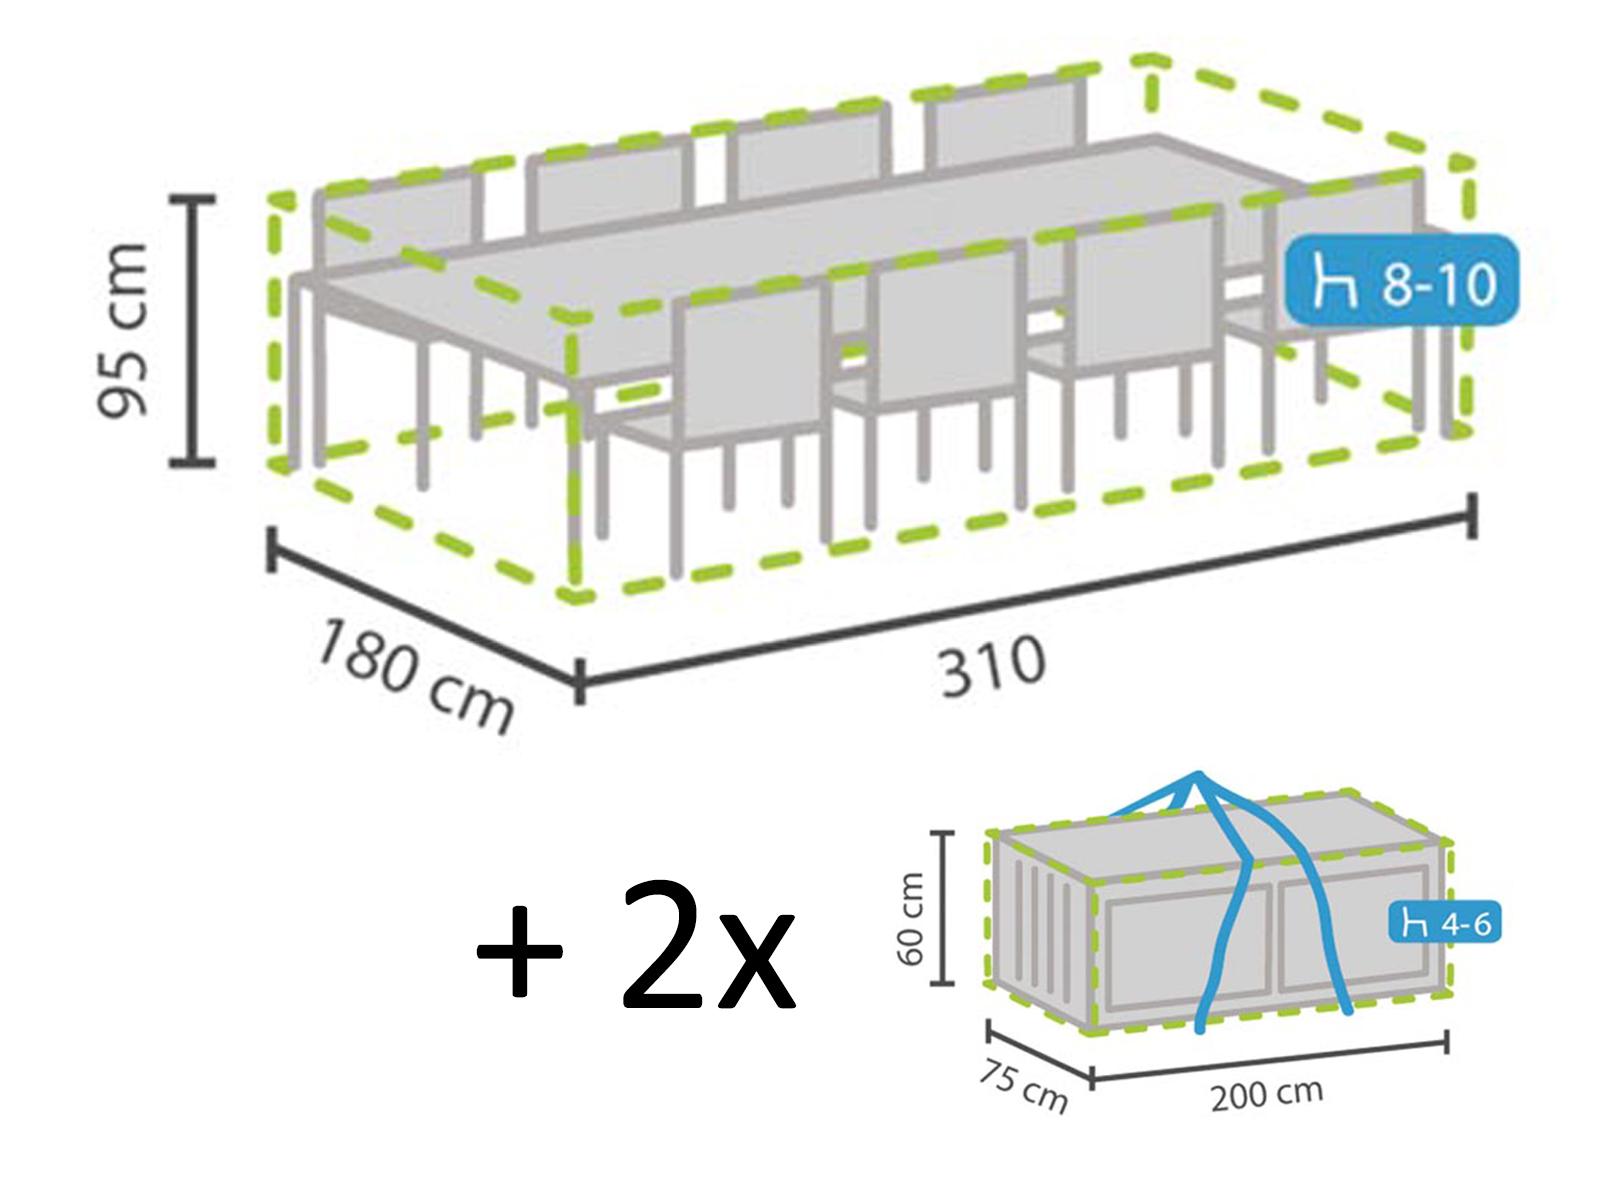 310x180cm Gartenmobel Fur Abdeckung Xxl Set Schutzhullen